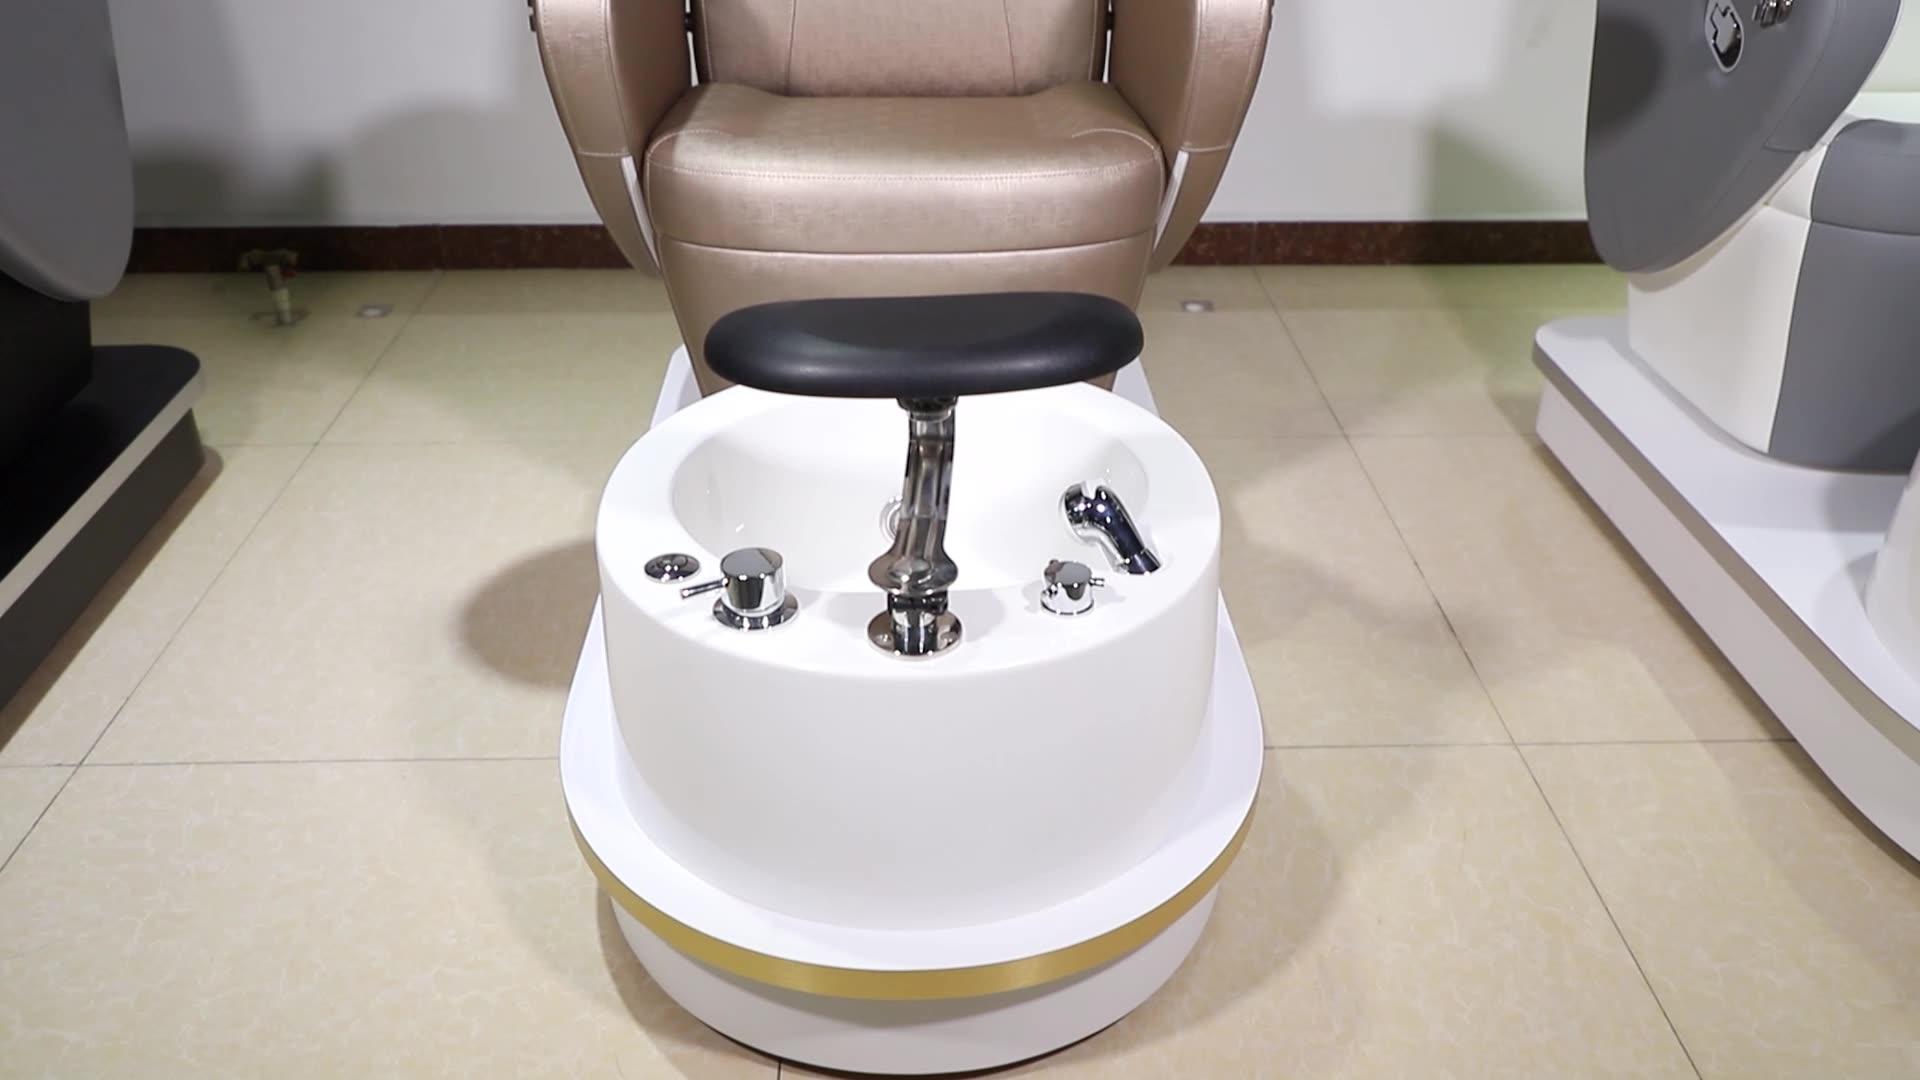 Luxury Modern ราคาถูกความงามเล็บ Salon เฟอร์นิเจอร์เก้าอี้หมุน Pipeless Whirlpool เท้าสปานวดเท้าเก้าอี้